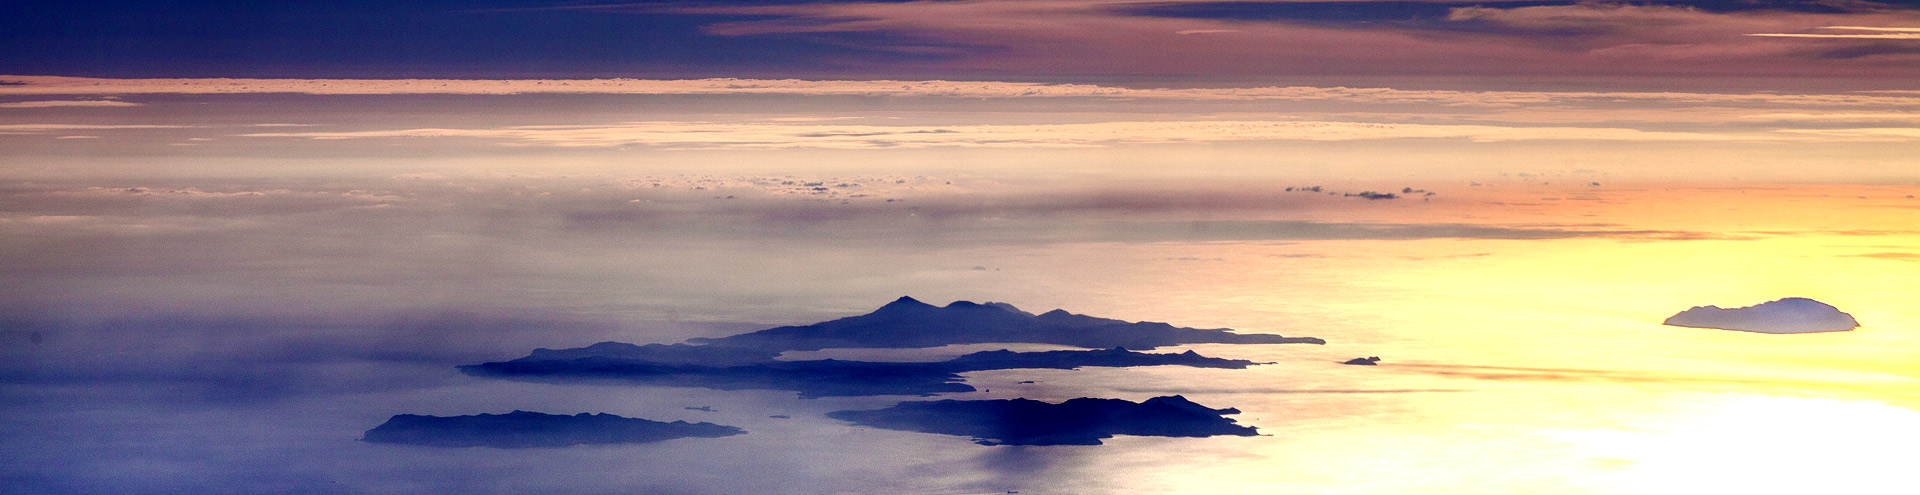 Aerial photo Milos